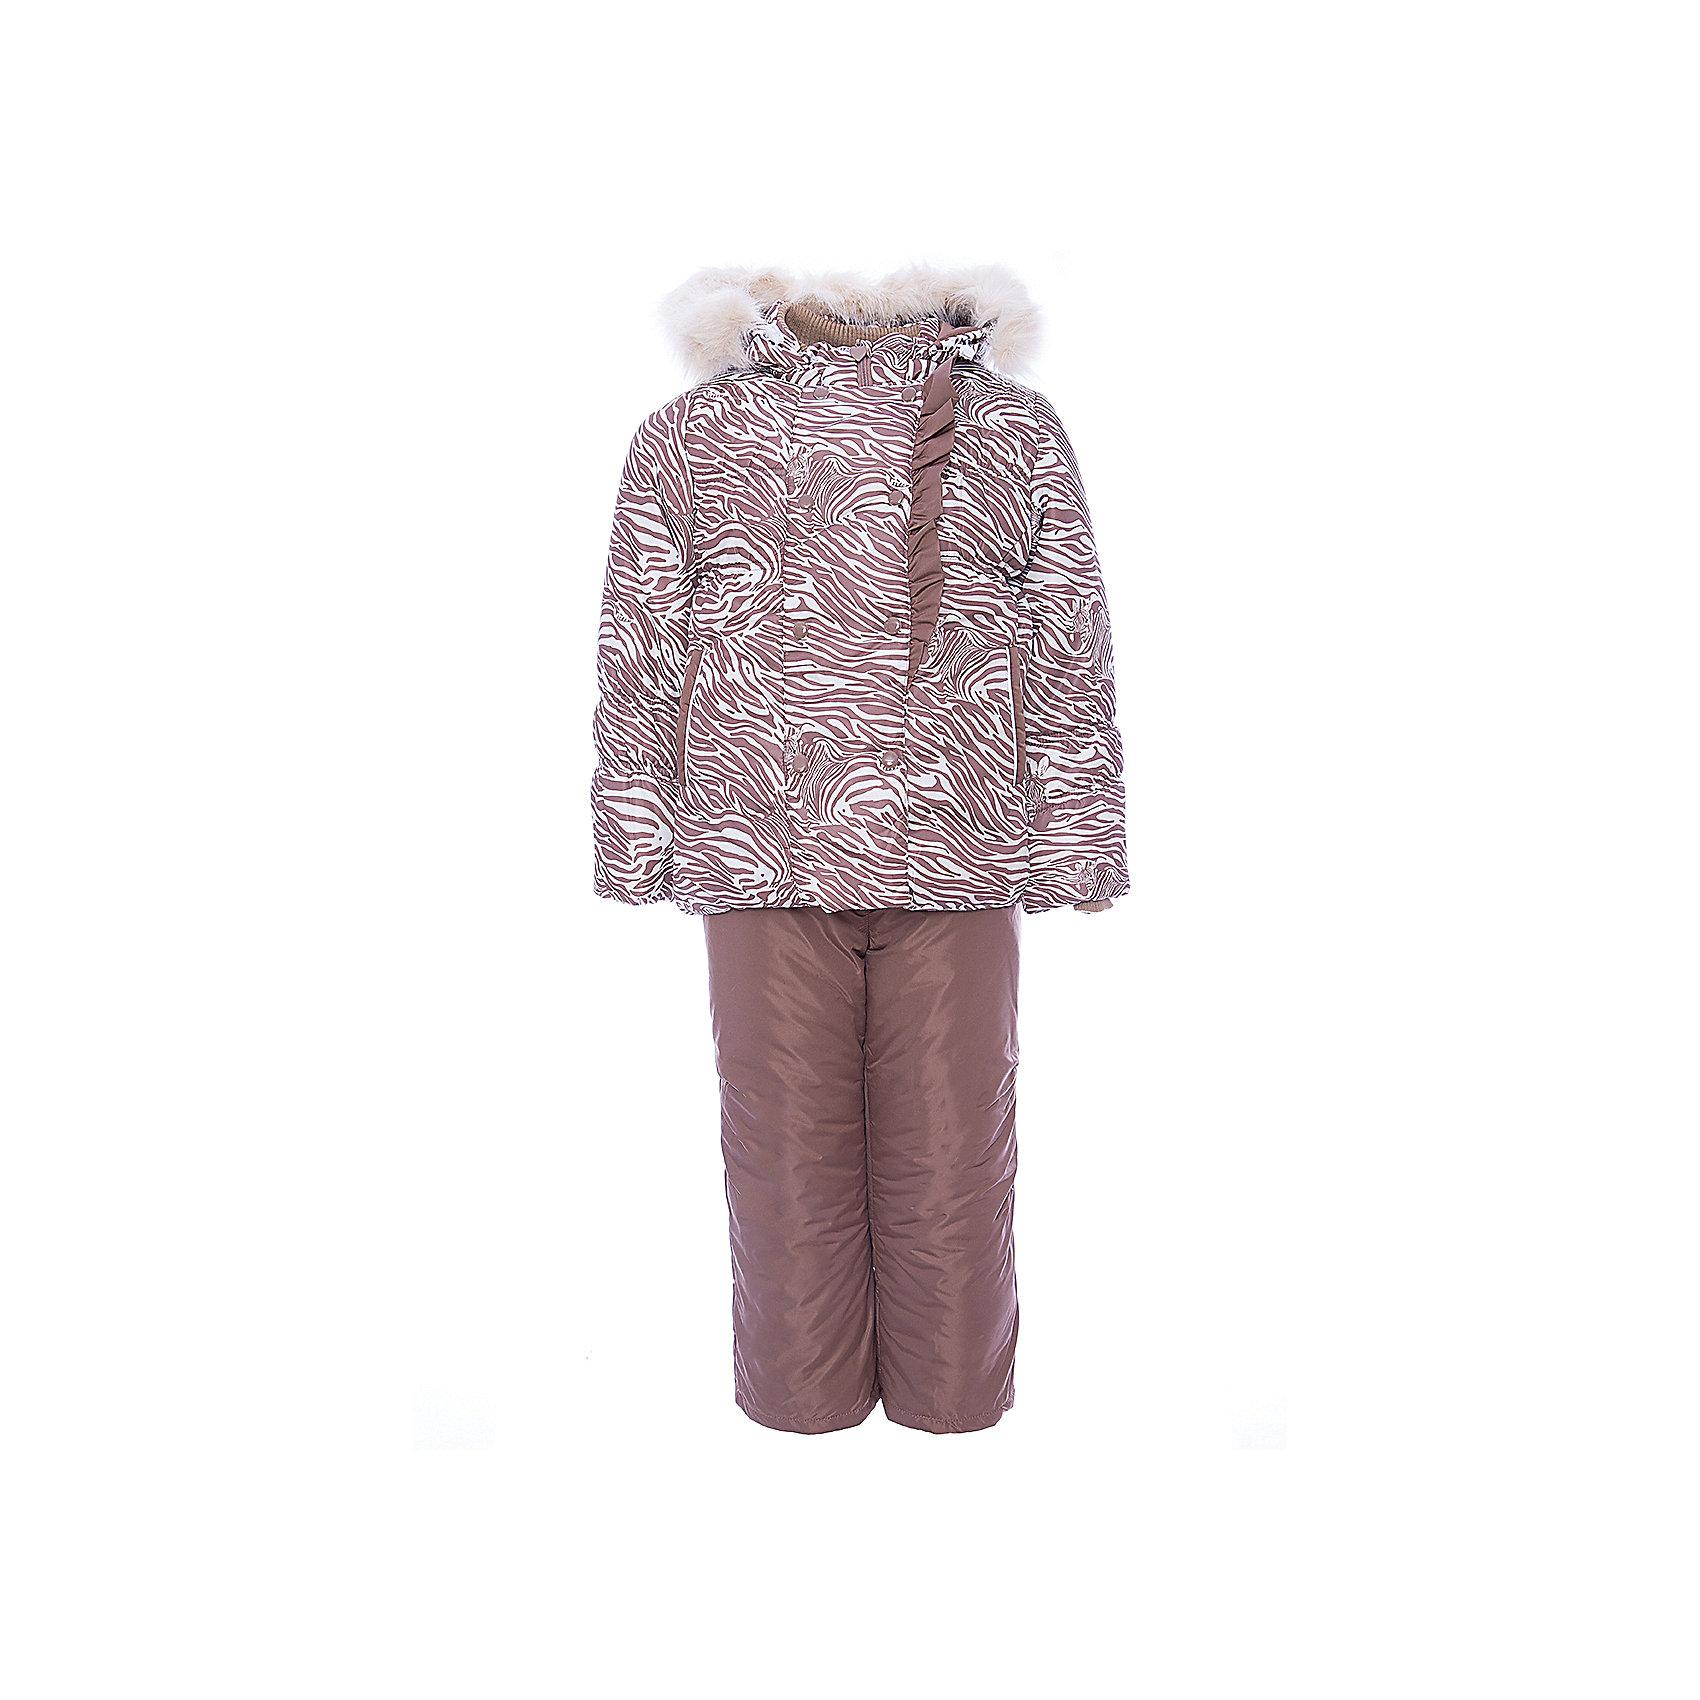 Комплект: куртка и полукомбинезон Берта OLDOS для девочкиВерхняя одежда<br>Характеристики товара:<br><br>• цвет: коричневый<br>• комплектация: куртка и полукомбинезон<br>• состав ткани: 100% полиэстер, пропитка Teflon<br>• подкладка: хлопок, полиэстер<br>• утеплитель: Hollofan 250/200 г/м2<br>• подстежка: 60% шерсть, 40% полиэстер<br>• сезон: зима<br>• температурный режим: от -35 до 0<br>• застежка: молния<br>• капюшон: с мехом, съемный<br>• подстежка в комплекте<br>• страна бренда: Россия<br>• страна изготовитель: Россия<br><br>Зимний комплект для девочки дополнен удобными карманами регулируемыми подтяжками, капюшоном, планкой и внутренней манжетой. Этот детский комплект обеспечит тепло и комфорт даже в сильные холода. Зимний комплект сделан из качественных материалов. Такой костюм для девочки дополнен шерстяной подстежкой. <br><br>Комплект: куртка и полукомбинезон Берта Oldos (Олдос) для девочки можно купить в нашем интернет-магазине.<br><br>Ширина мм: 356<br>Глубина мм: 10<br>Высота мм: 245<br>Вес г: 519<br>Цвет: коричневый<br>Возраст от месяцев: 12<br>Возраст до месяцев: 18<br>Пол: Женский<br>Возраст: Детский<br>Размер: 86,116,110,92,104,98<br>SKU: 7016890